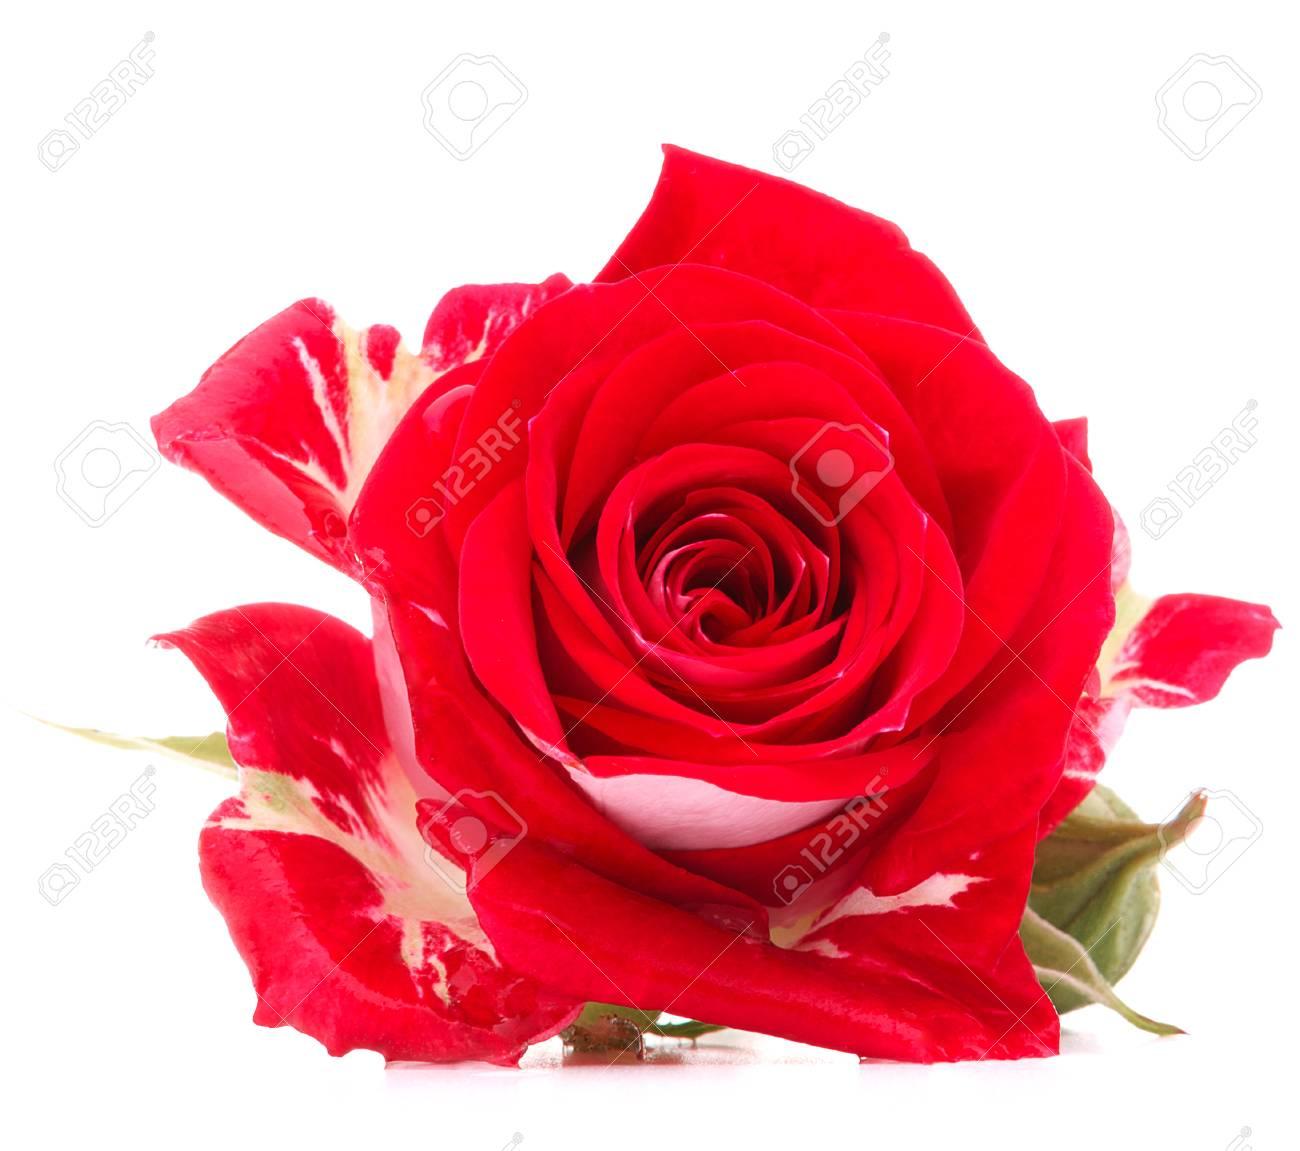 Tete De Fleur Rose Rouge Isole Sur Fond Blanc Banque D Images Et